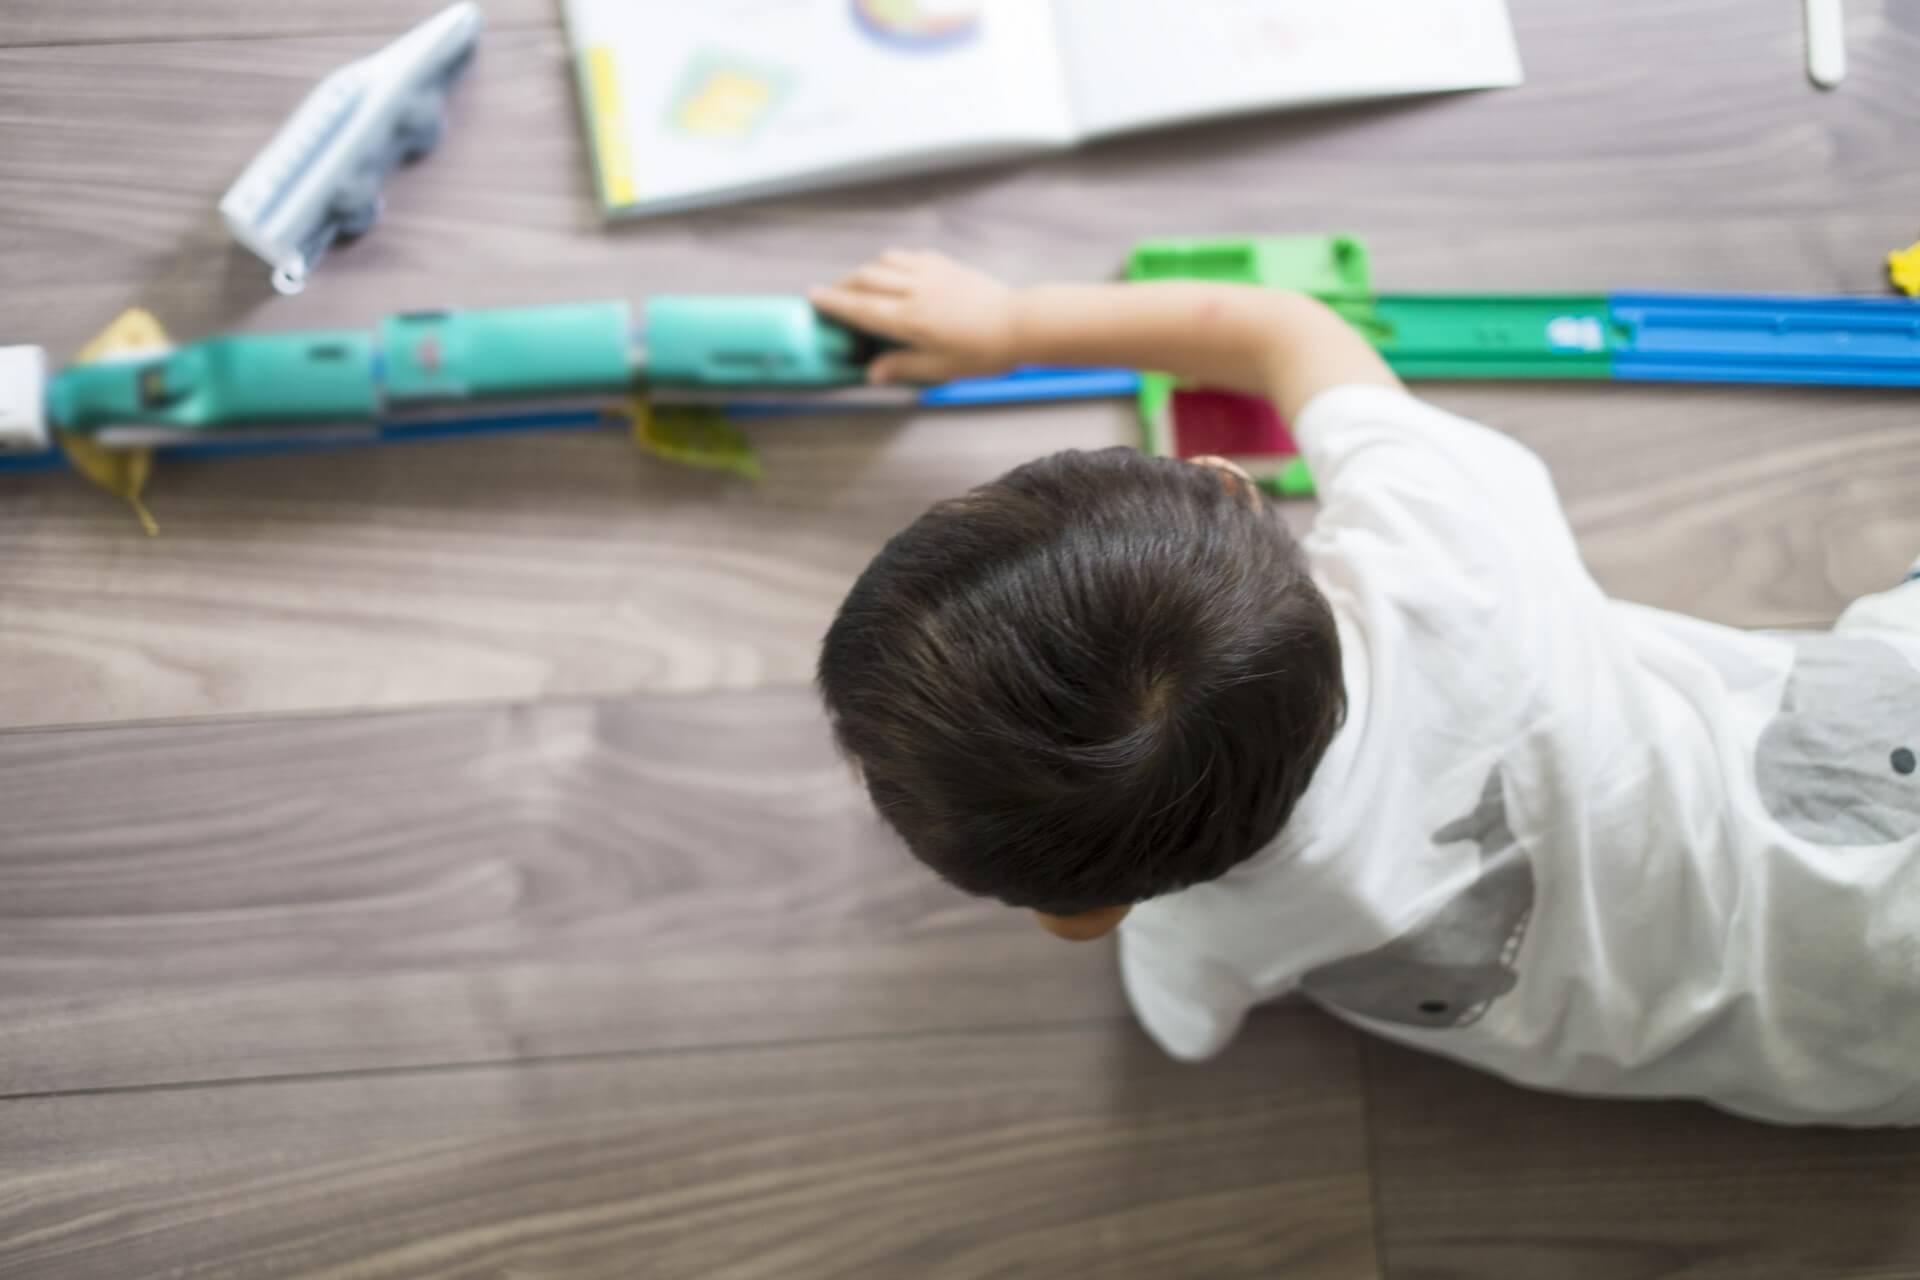 子供がつけたフローリング傷を補修する5つの方法!傷防止法も公開!